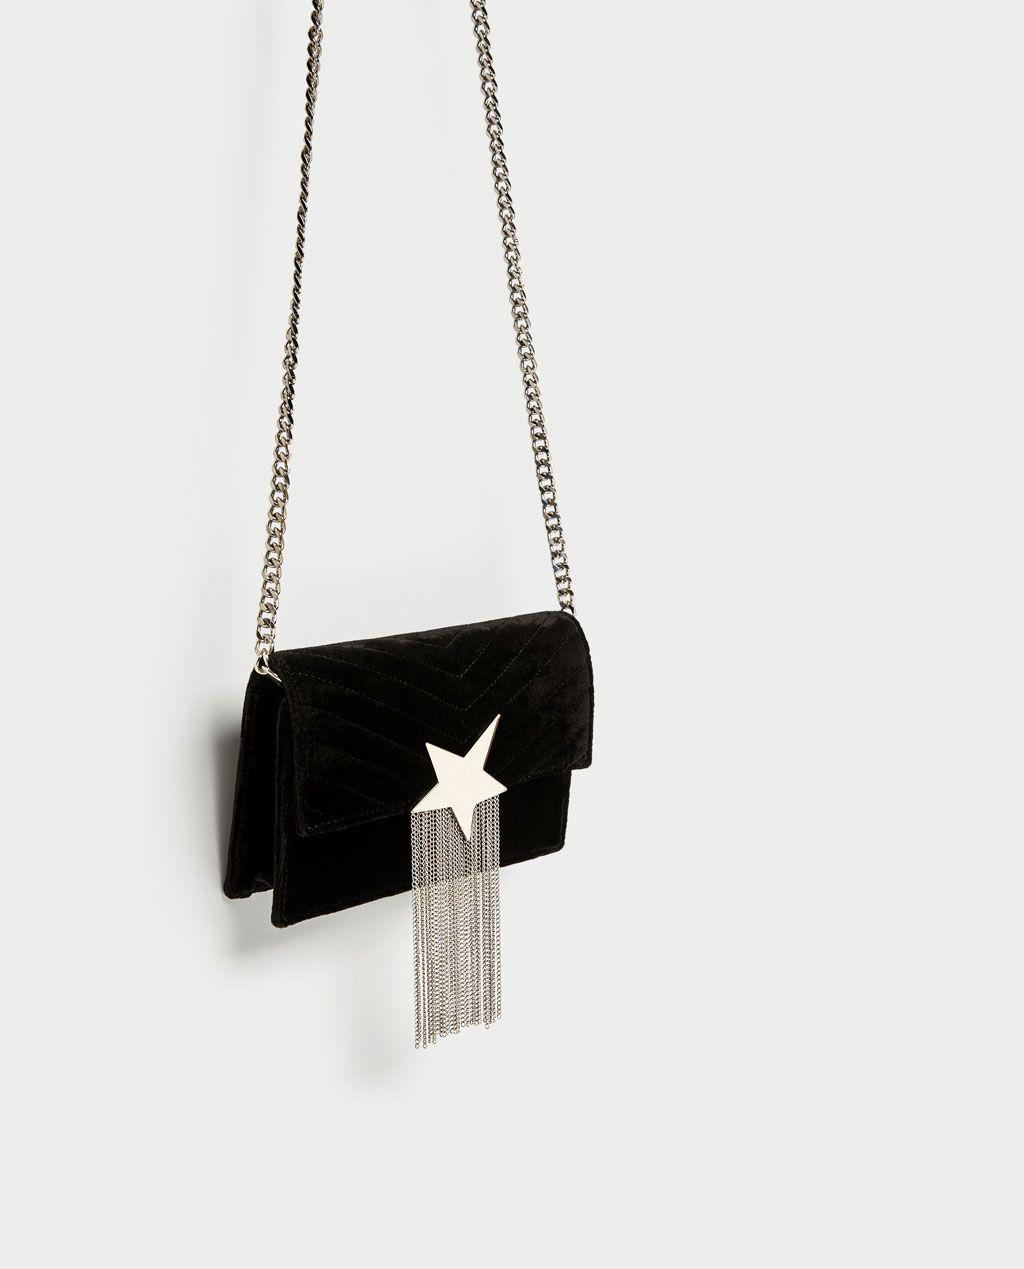 850f29c871 Image 1 of CROSSBODY BAG WITH STAR DETAIL from Zara Zara United Kingdom